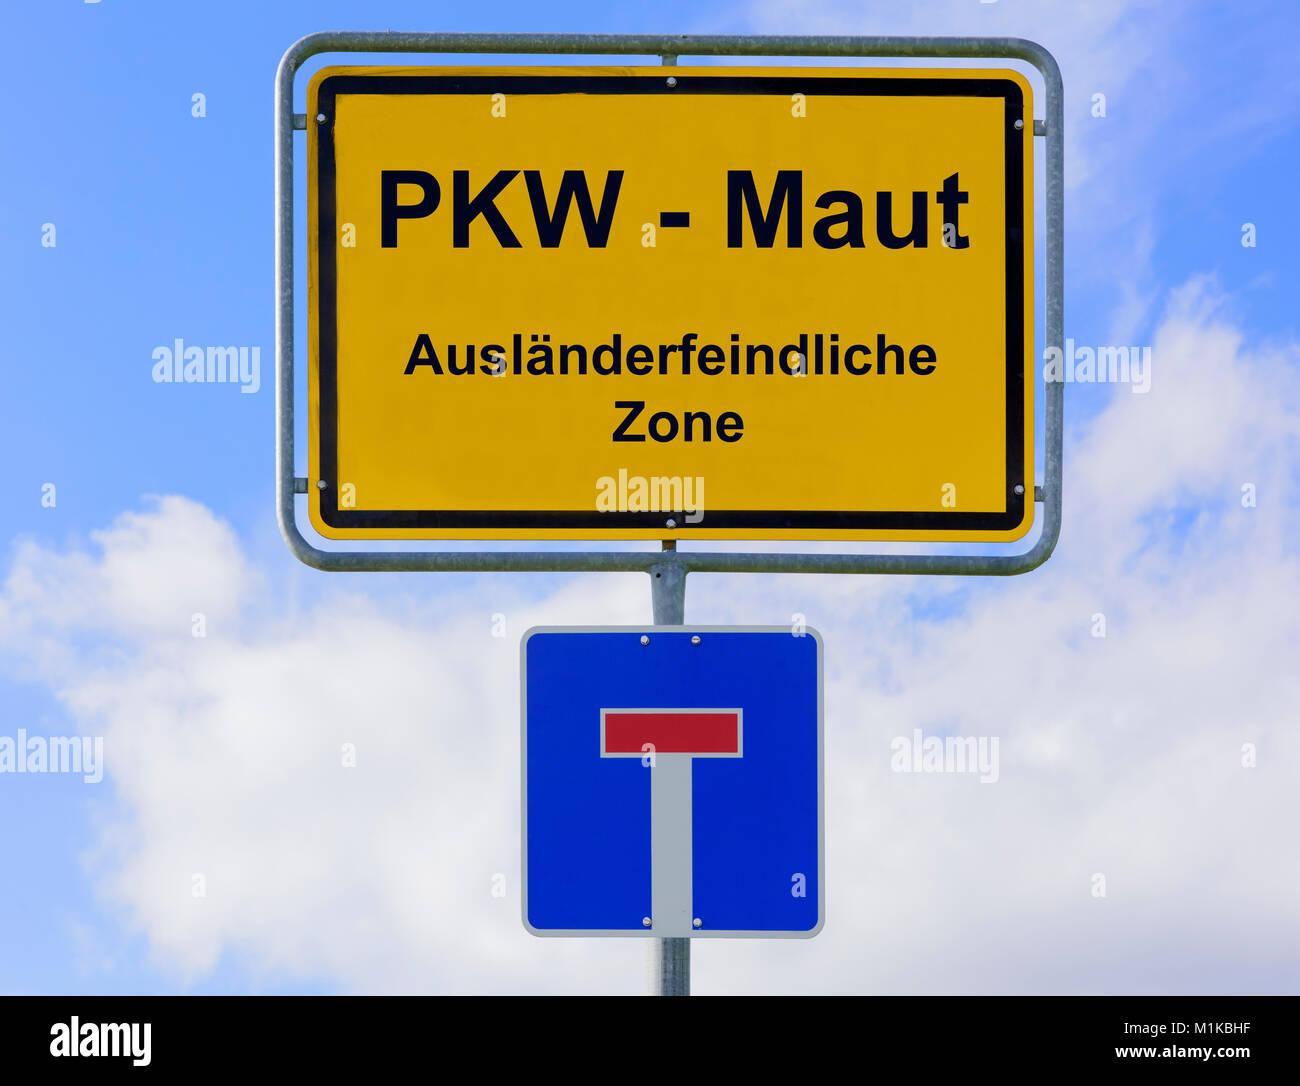 PKW-Maut als ausländerfeindliche Zone - Stock Image